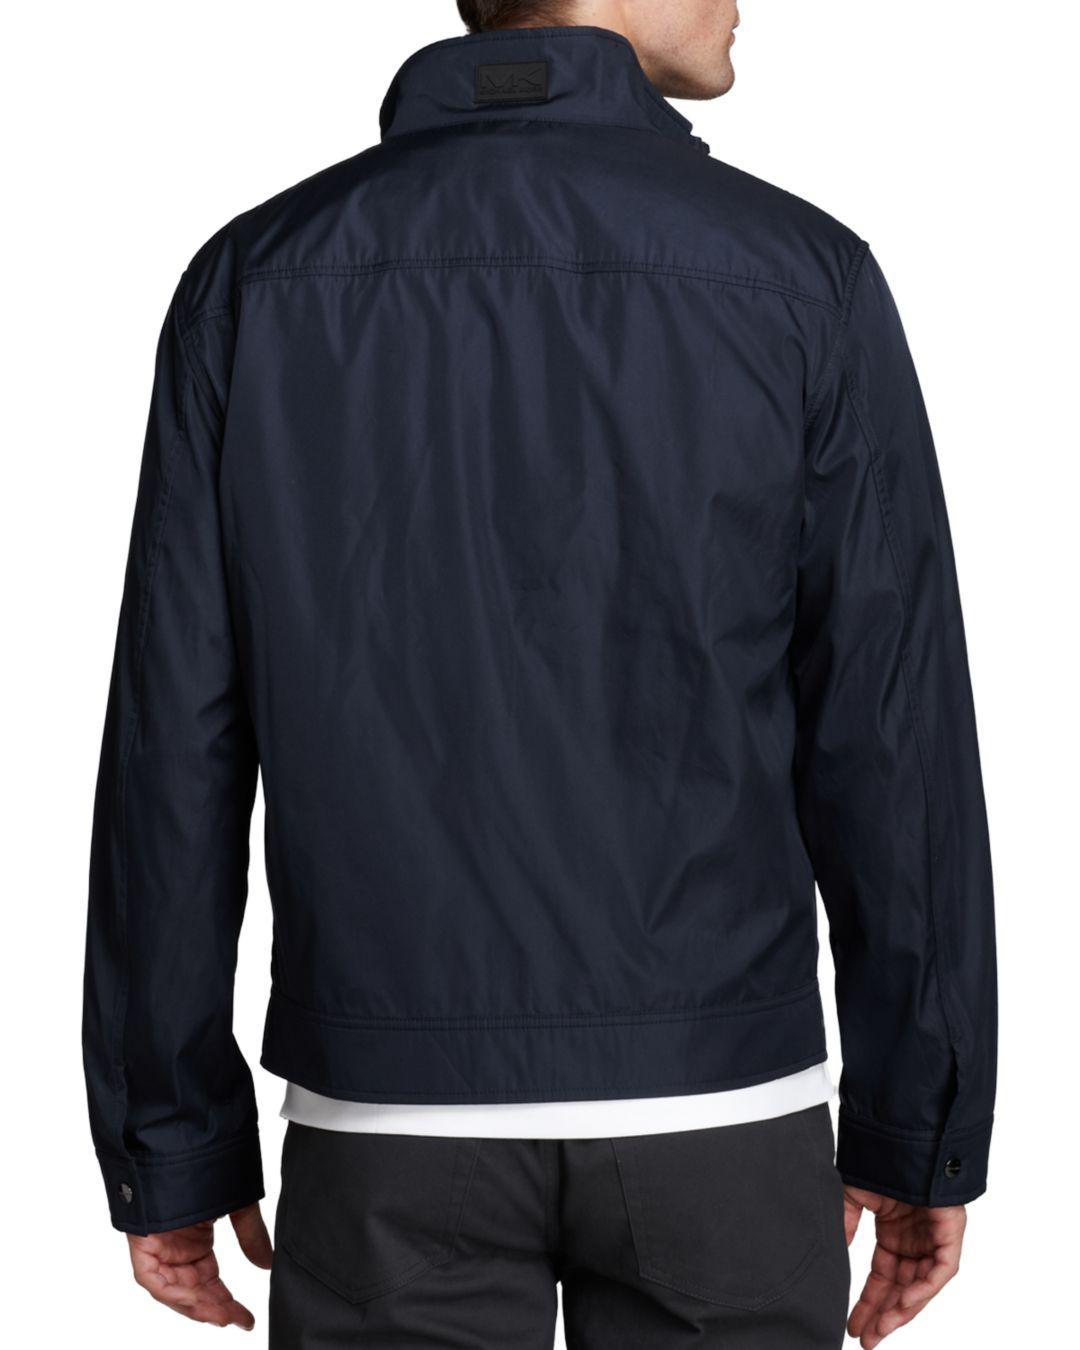 43749b28faf3 Michael Kors 3-in-1 Track Jacket in Blue for Men - Lyst